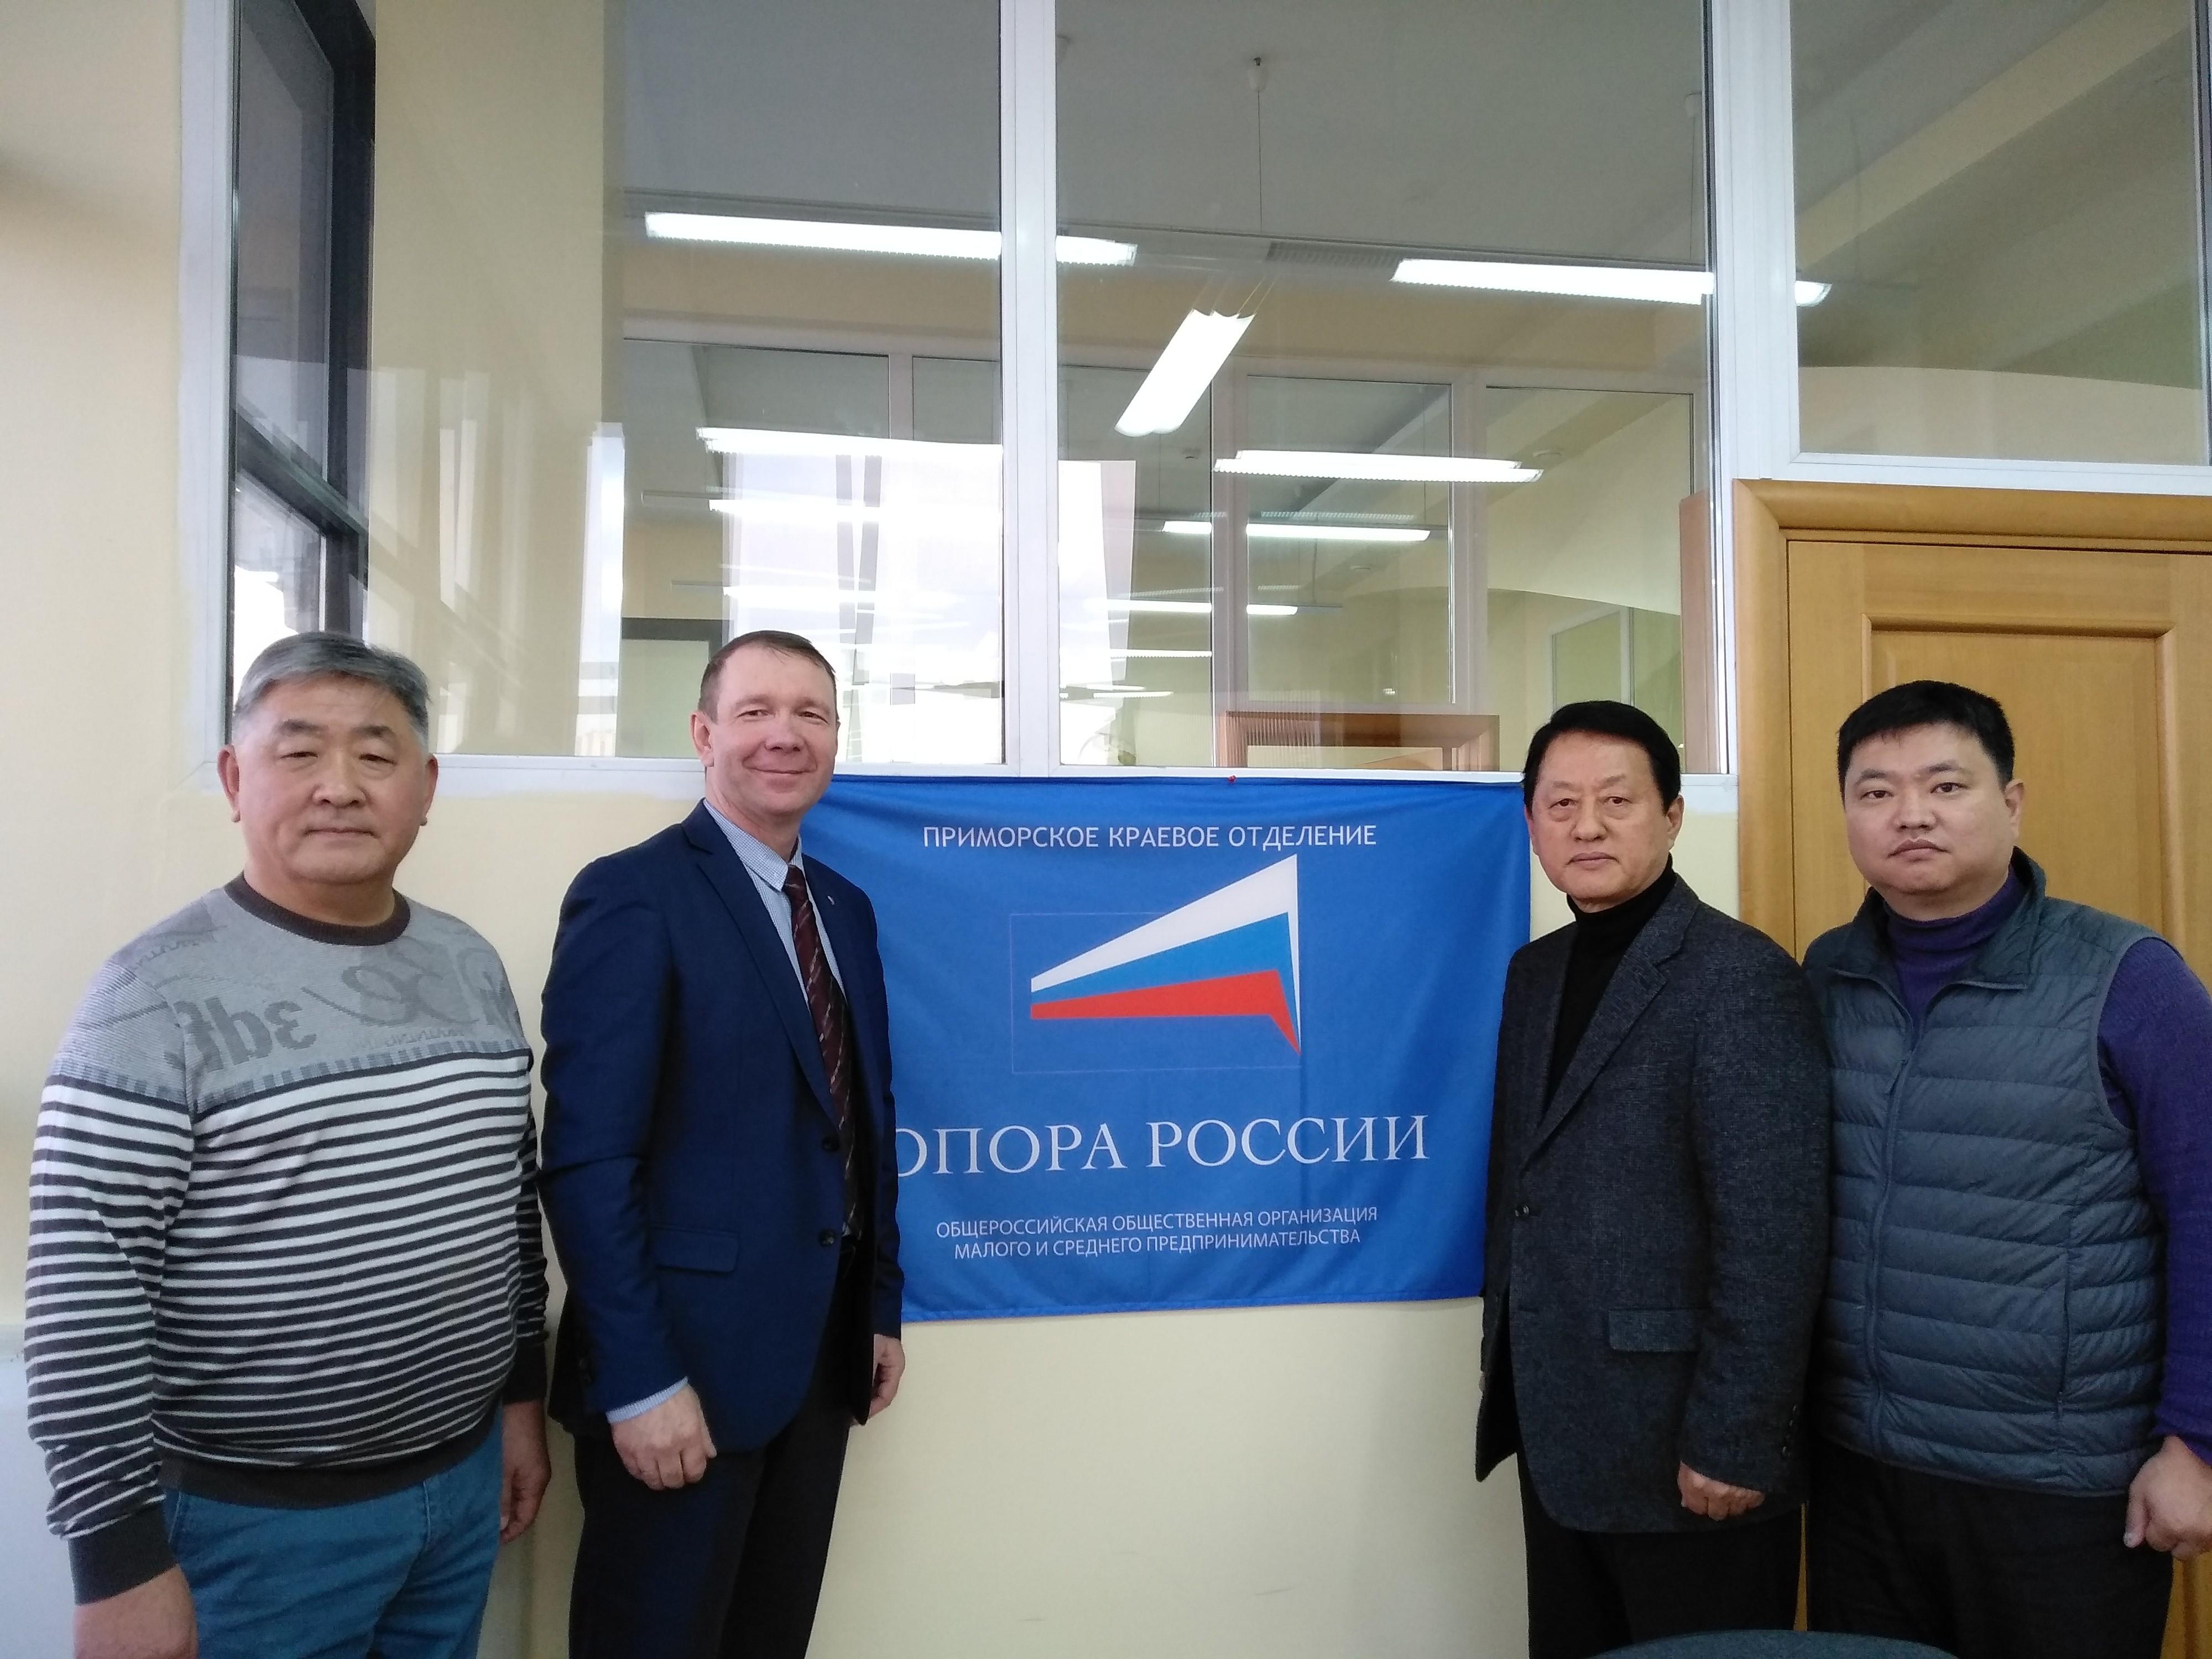 В офисе «ОПОРЫ РОССИИ» прошла встречу с южнокорейскими предпринимателями.